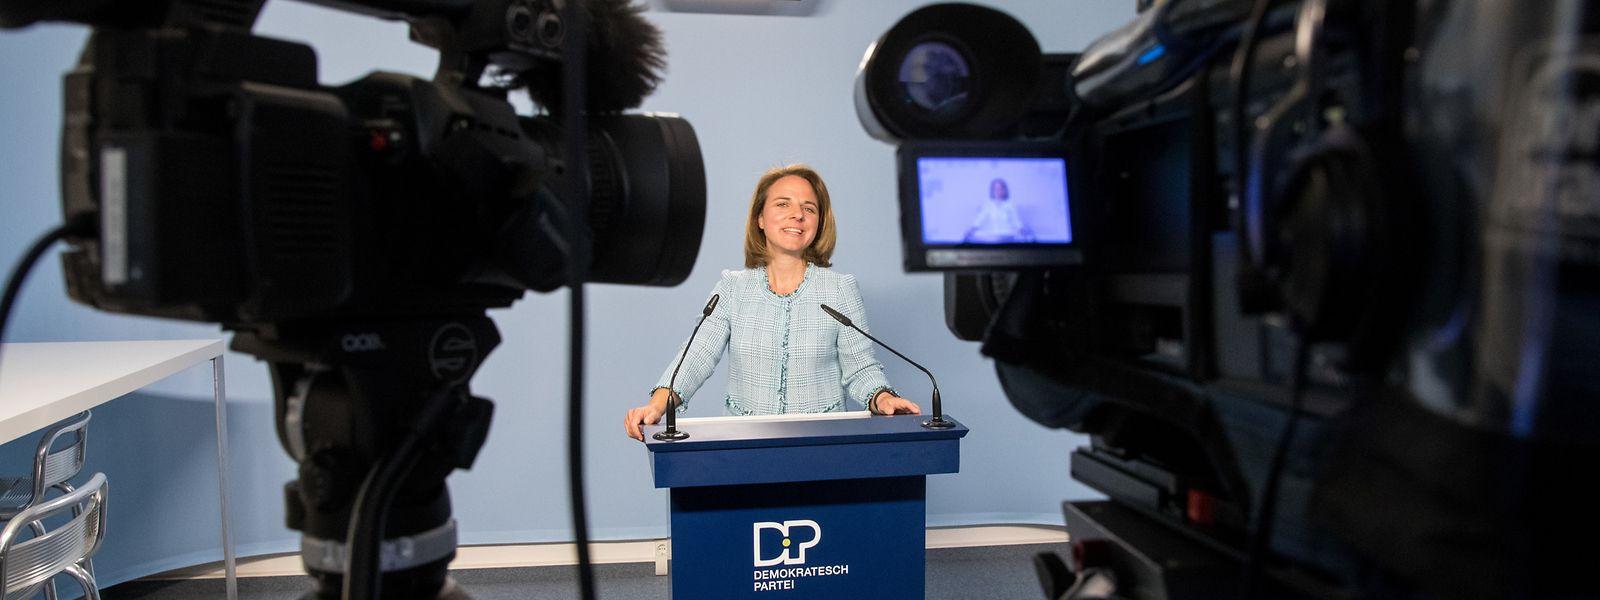 Avec 20,6% des intentions de vote, selon le Sonndesfro, le DP apparaît comme le grand gagnant politique des derniers mois, marqués par la pandémie de covid-19.